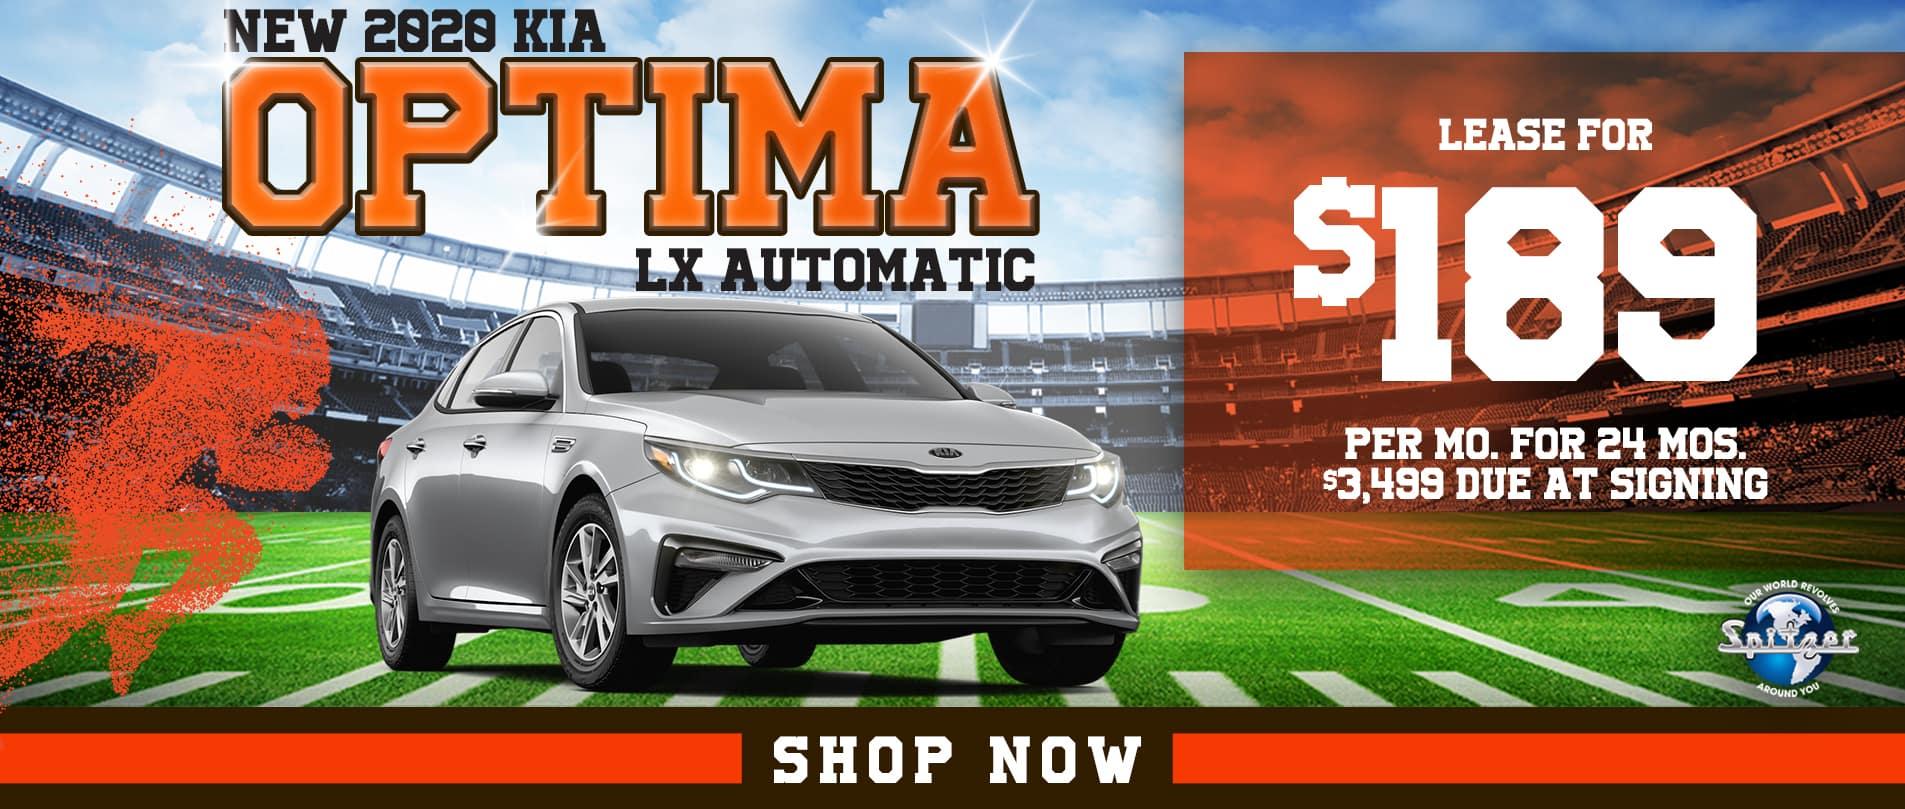 Optima | Lease for $189 per mo